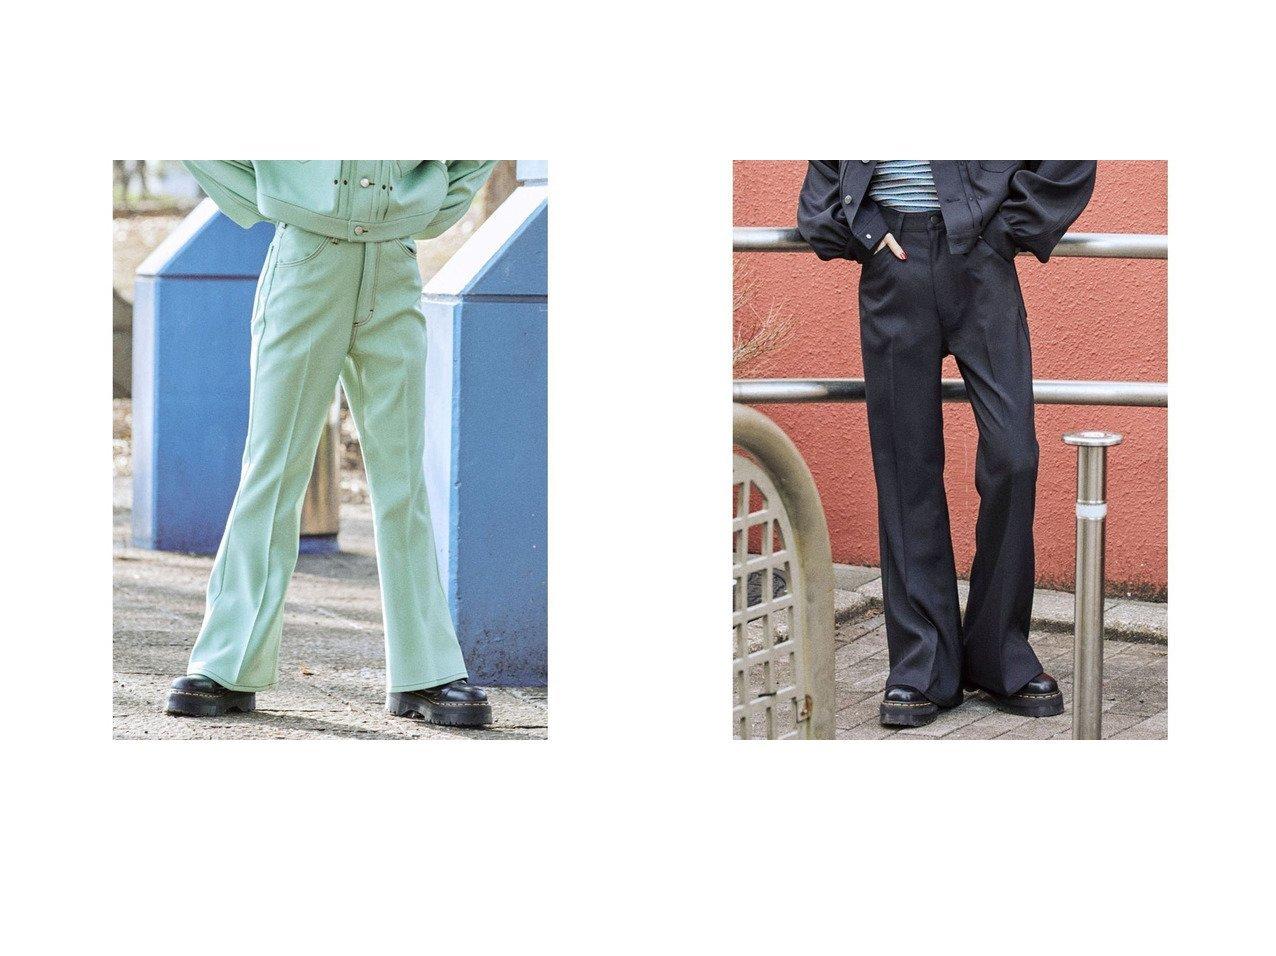 【jouetie/ジュエティ】のjouetie 【セットアップ対応】Wrangler フレアパンツ おすすめ!人気、トレンド・レディースファッションの通販 おすすめで人気の流行・トレンド、ファッションの通販商品 インテリア・家具・メンズファッション・キッズファッション・レディースファッション・服の通販 founy(ファニー) https://founy.com/ ファッション Fashion レディースファッション WOMEN セットアップ Setup パンツ Pants 2021年 2021 2021春夏・S/S SS/Spring/Summer/2021 S/S・春夏 SS・Spring/Summer おすすめ Recommend ジーンズ ストレッチ セットアップ ツイル デニム フレア 春 Spring |ID:crp329100000042314